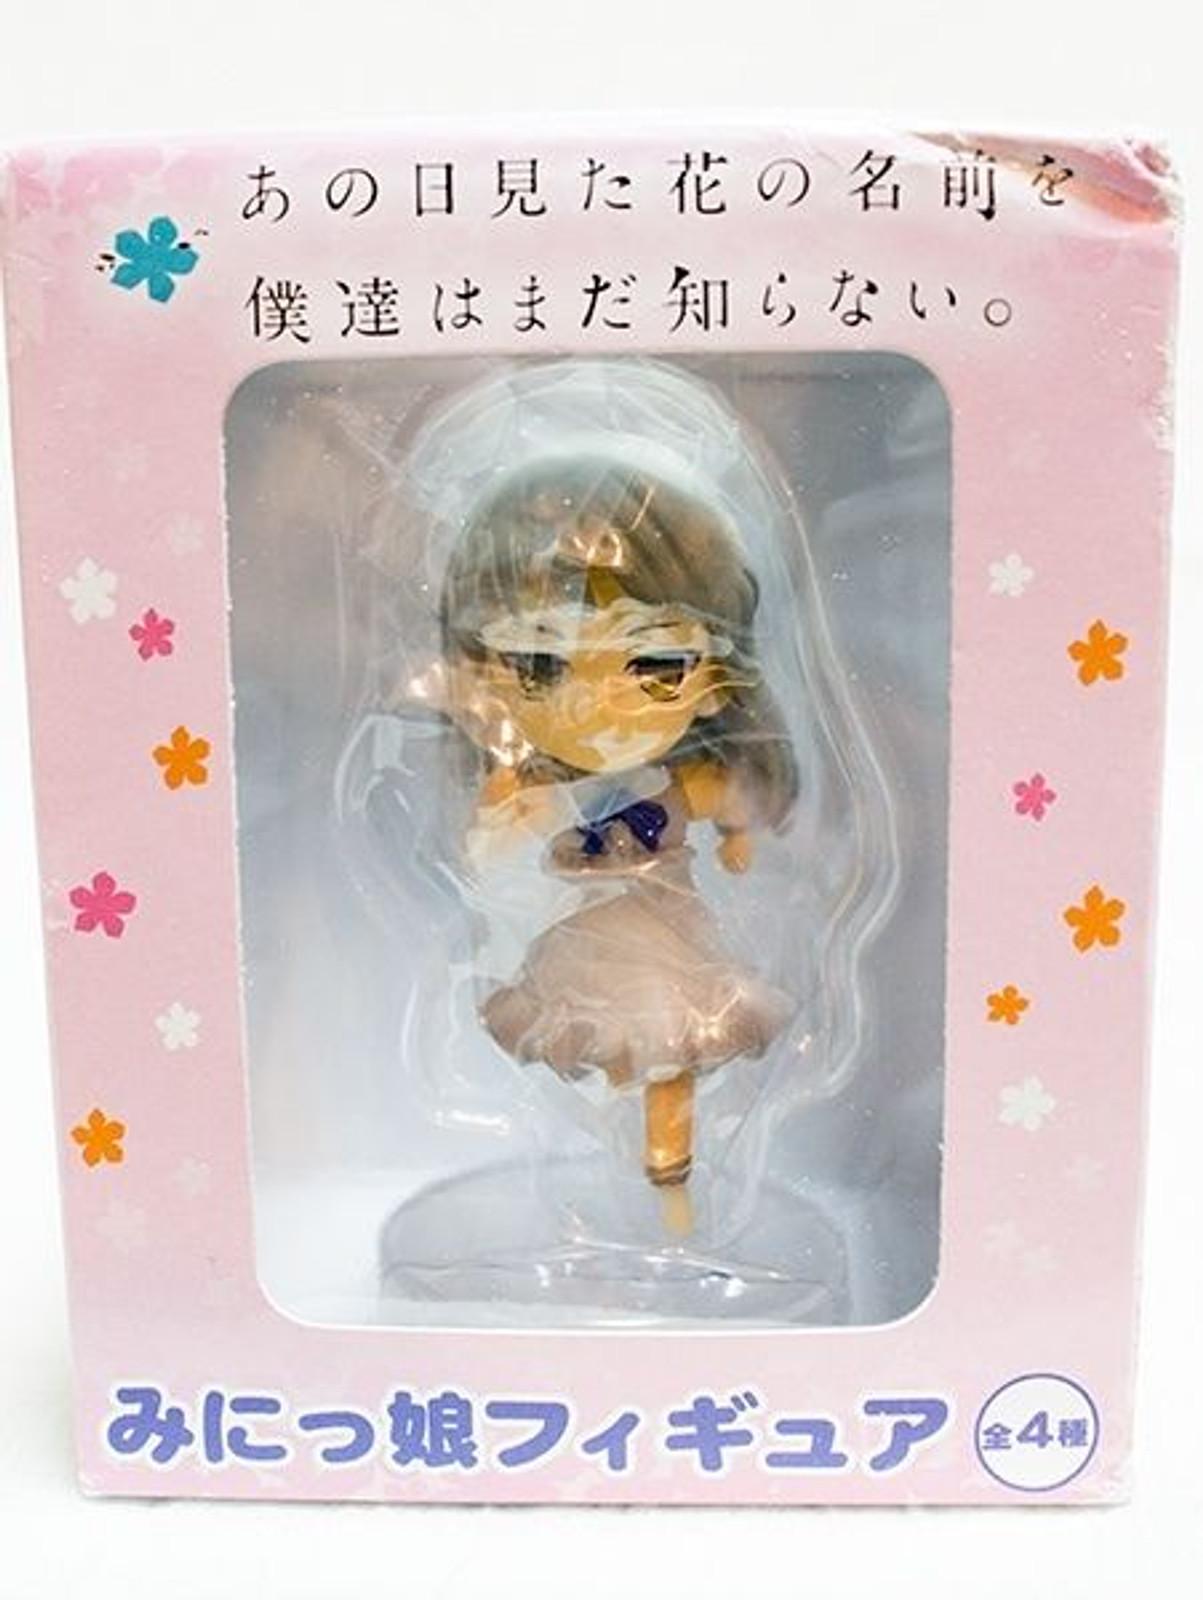 Anohana Yukiatsu Atsumu Matsuyuki Menma ver. Mini Figure Taito Flower We Saw That Day JAPAN ANIME